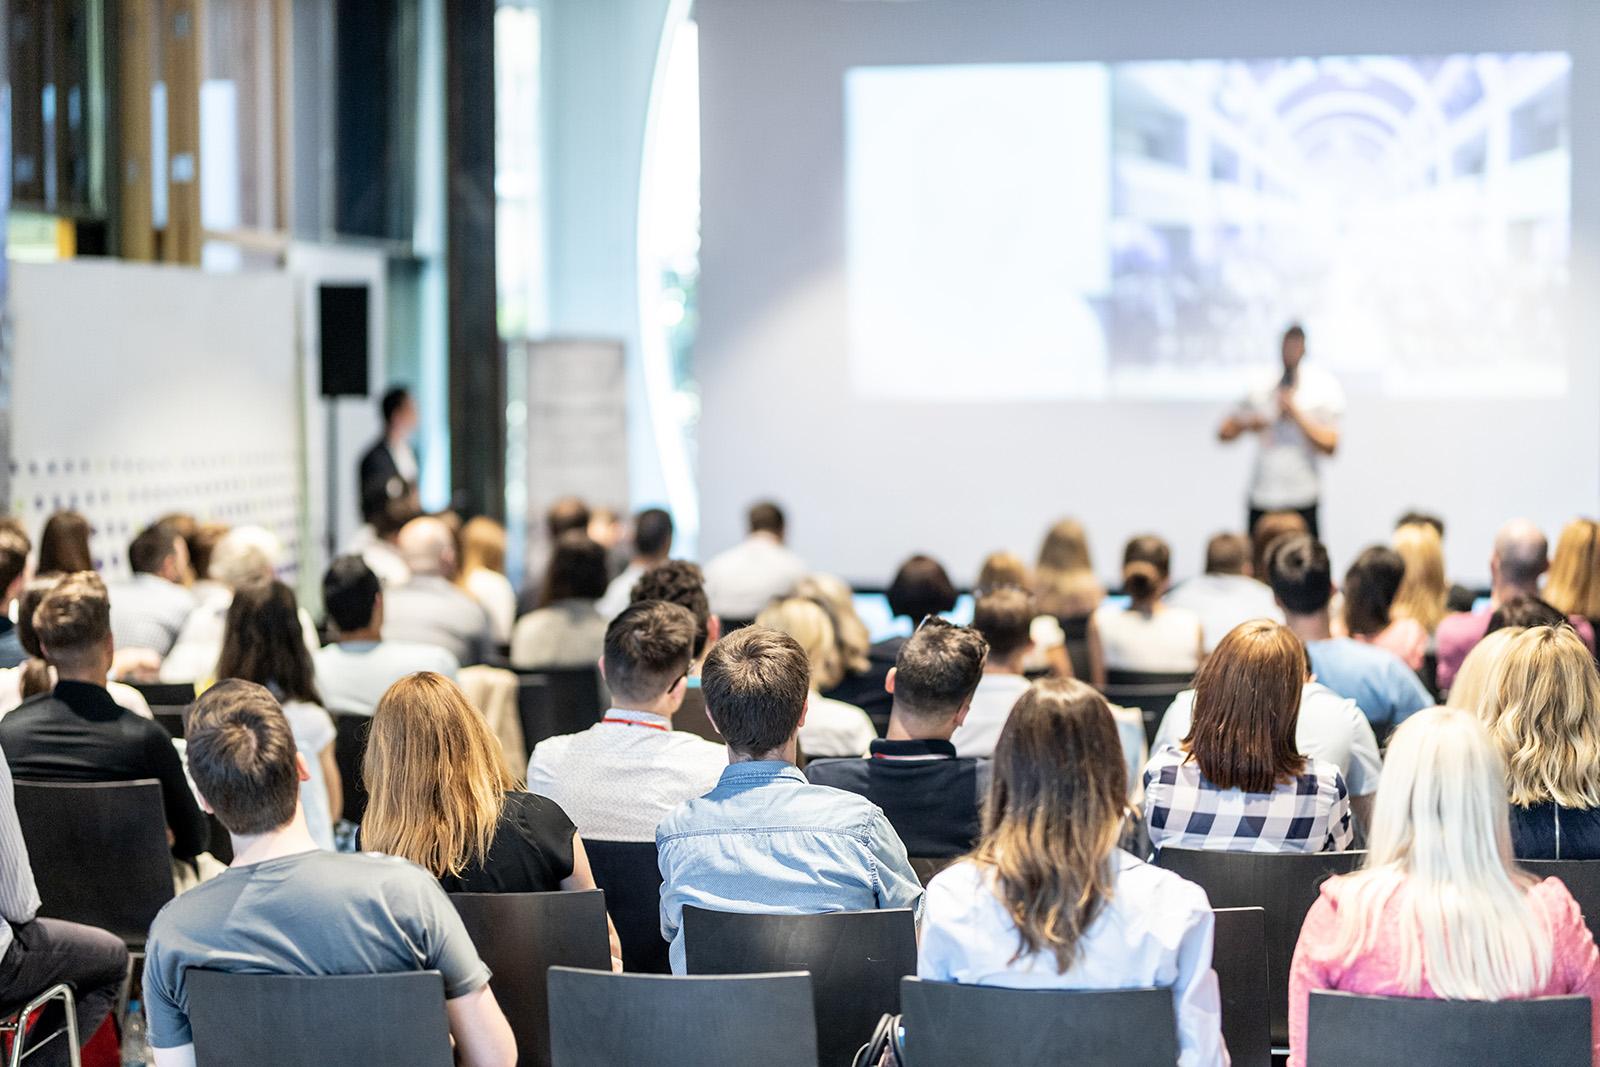 FH Studenten in einem Konferenzsaal bei einem Vortrag